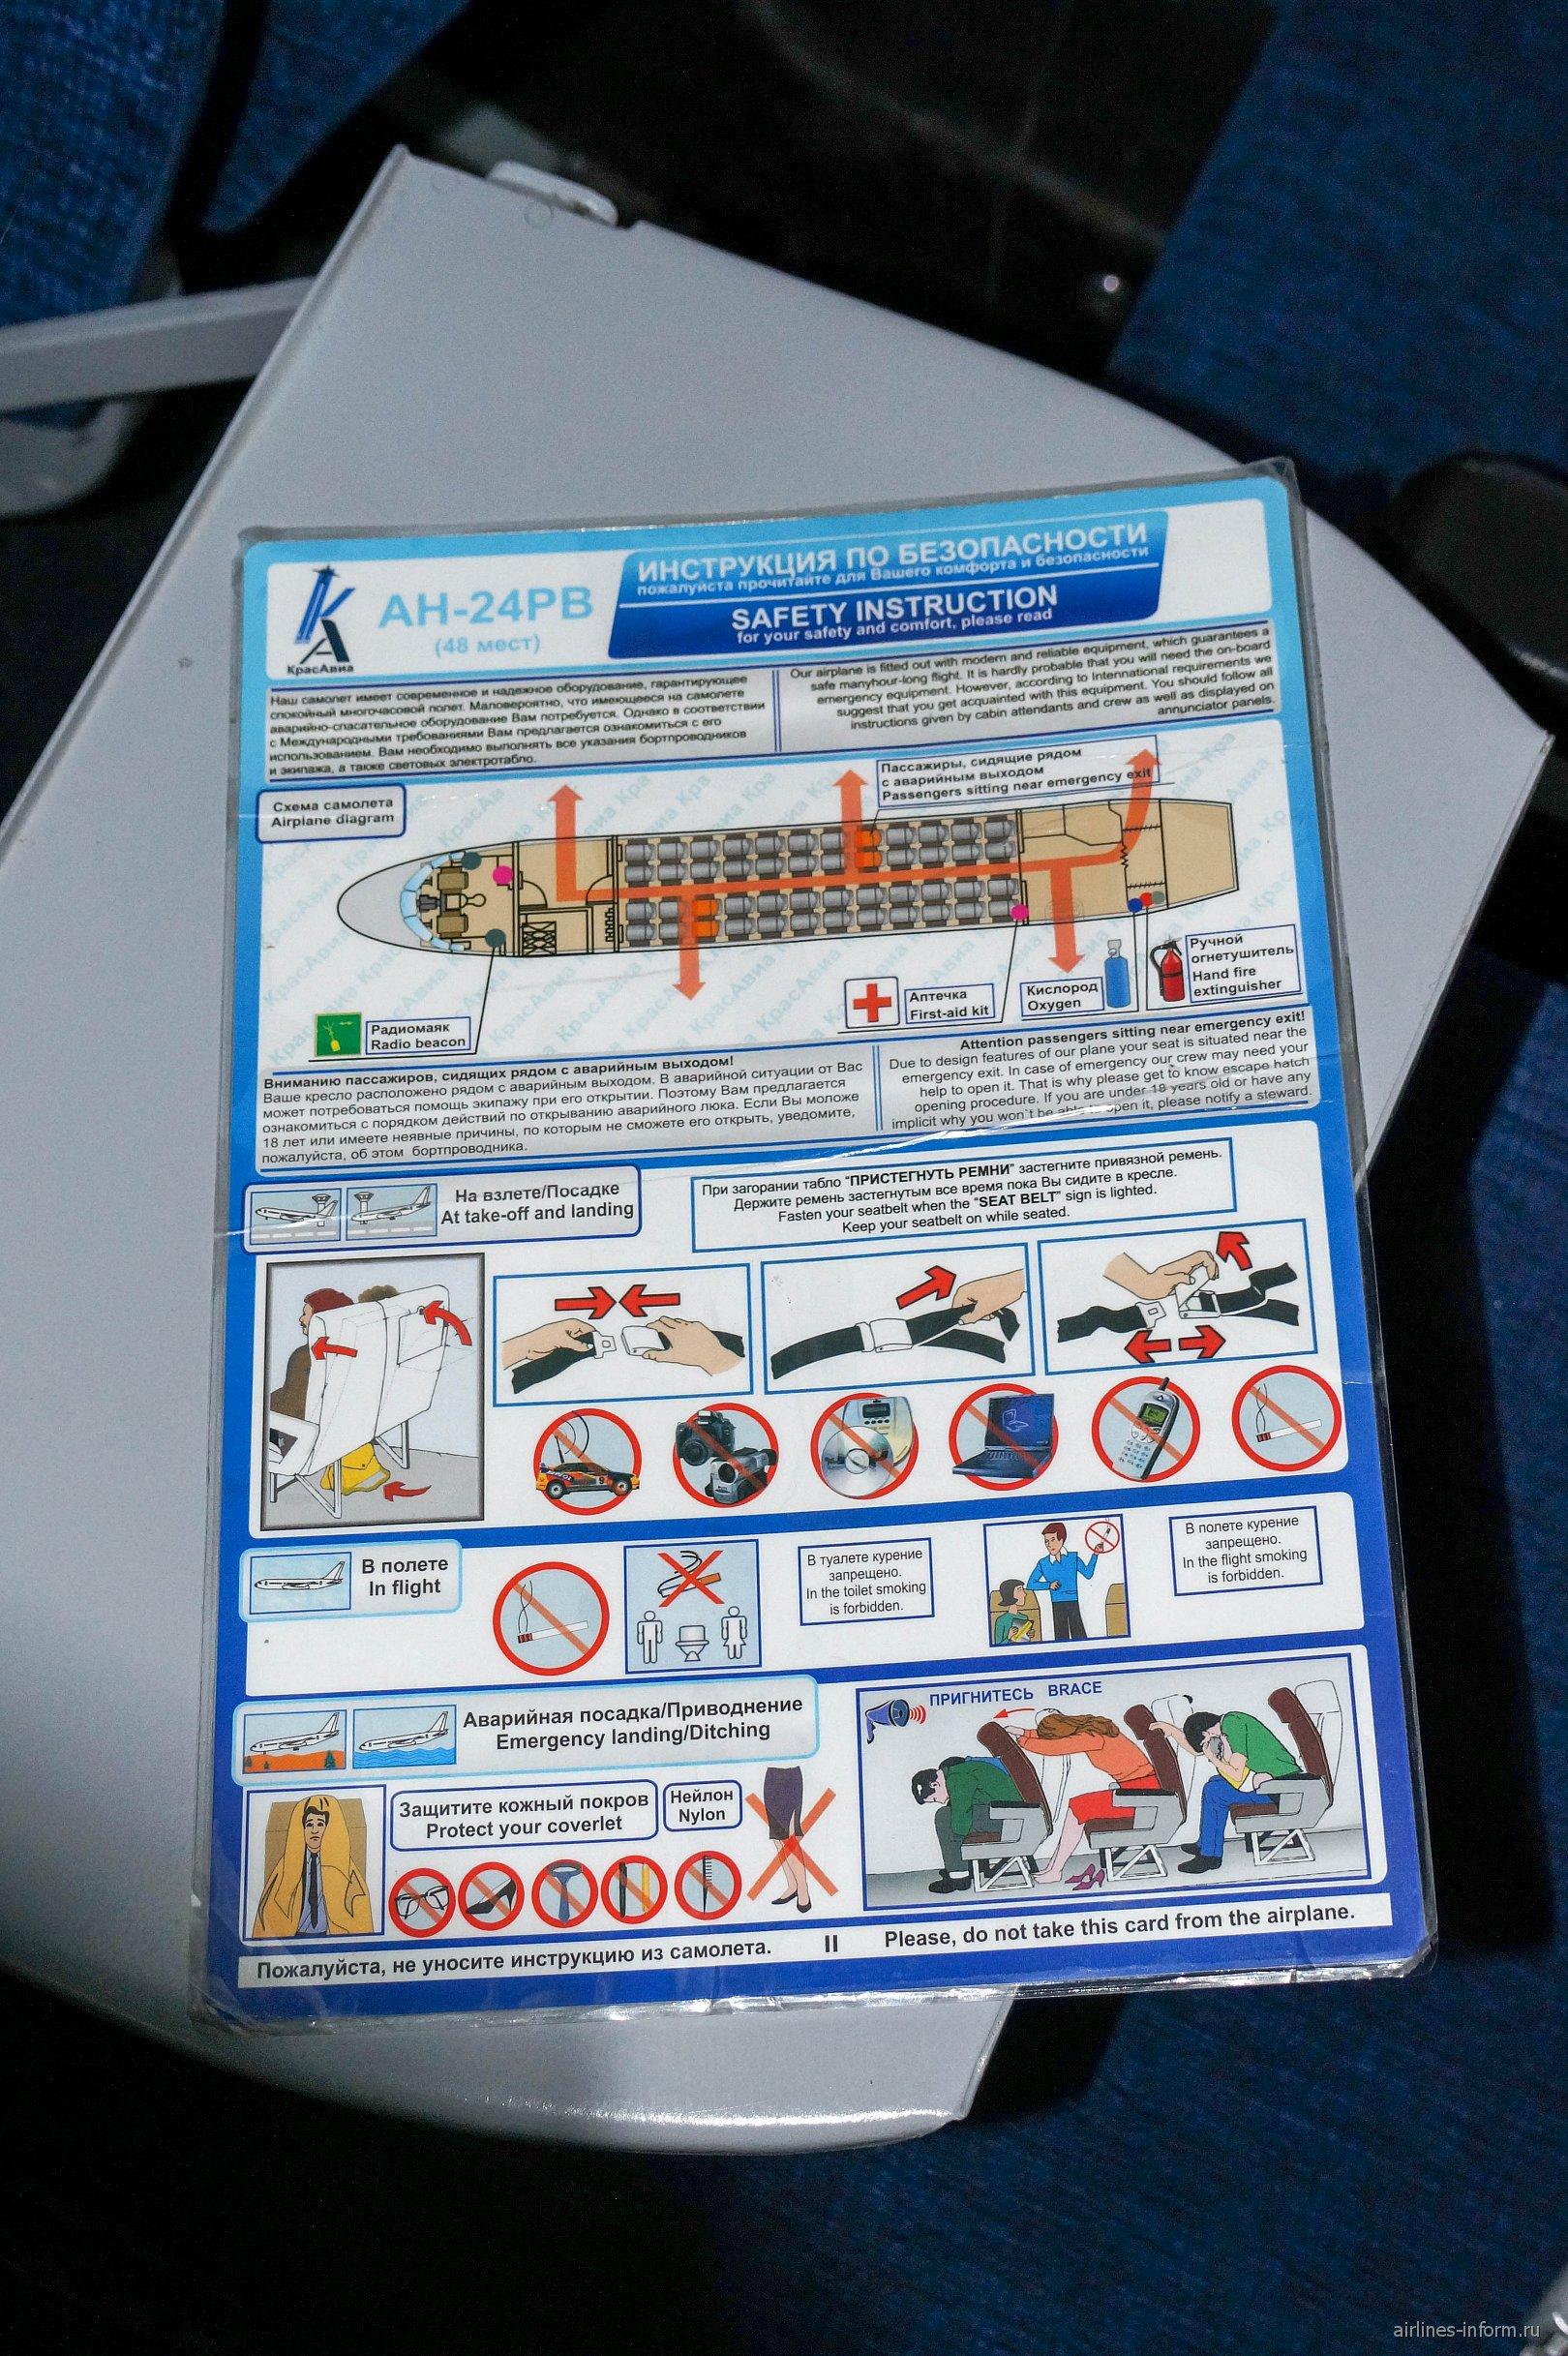 Инструкция по безопасности авиакомпании